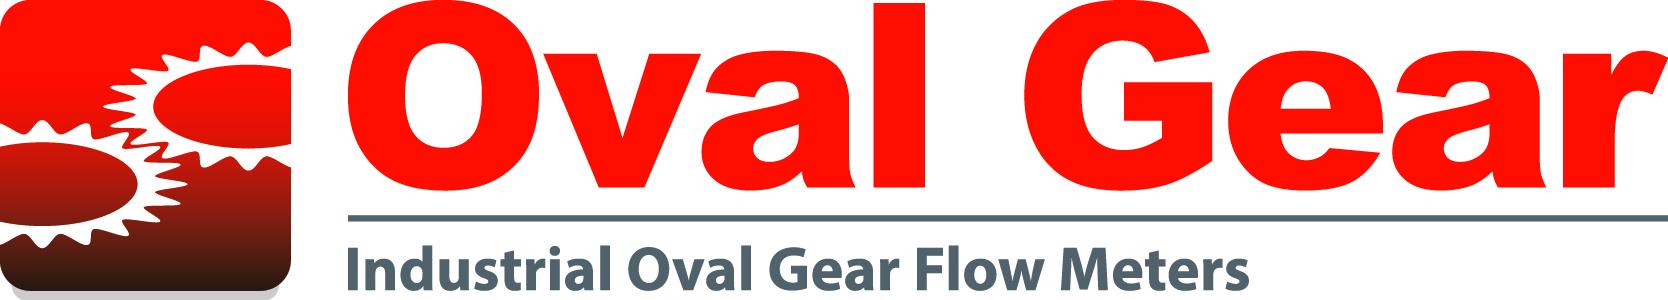 Oval Gear